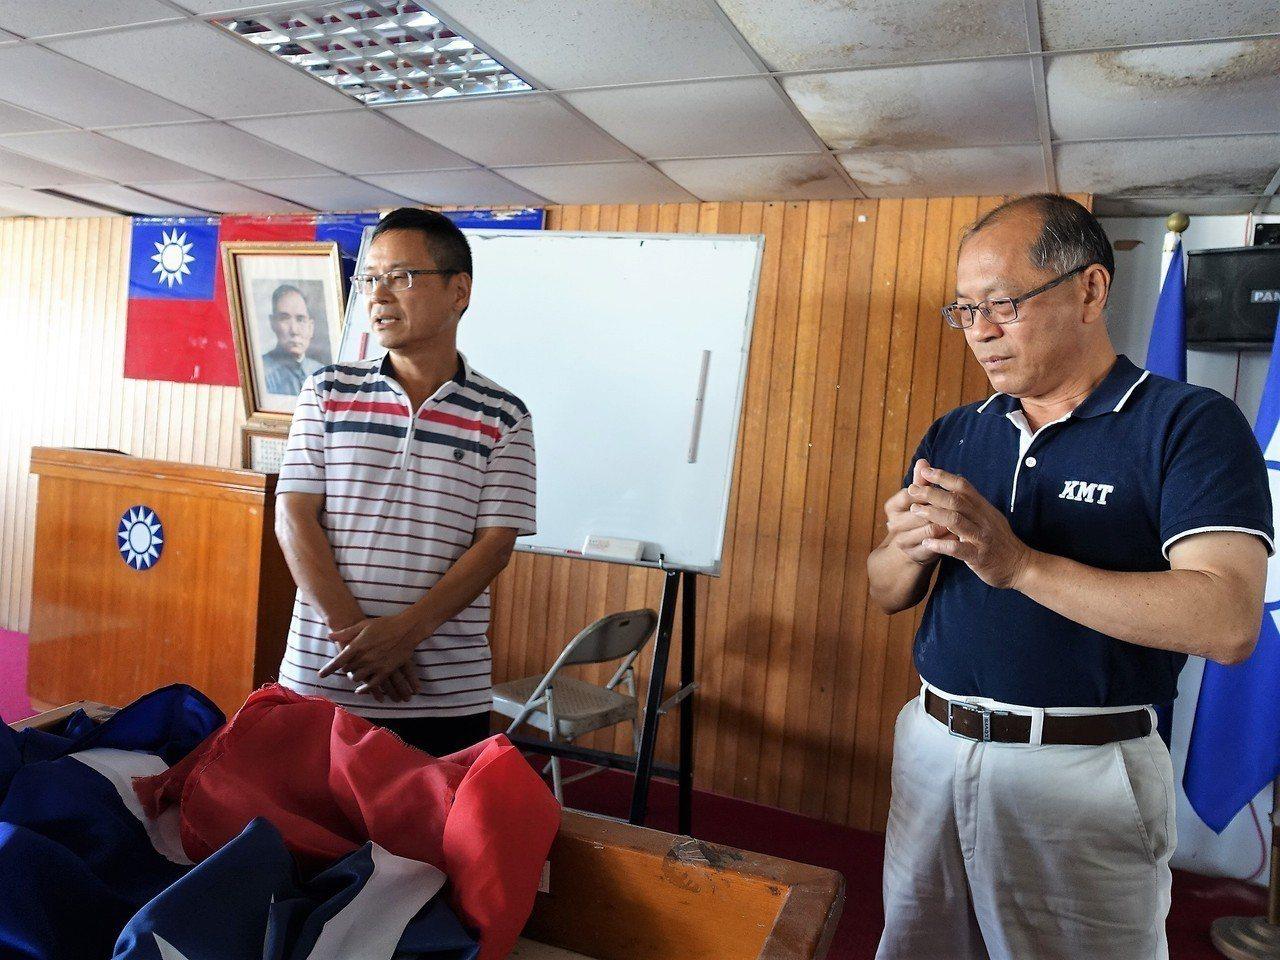 得標的廖姓業者(左)昨天還是到國民黨屏東縣黨部了解屋況。 記者翁禎霞/攝影